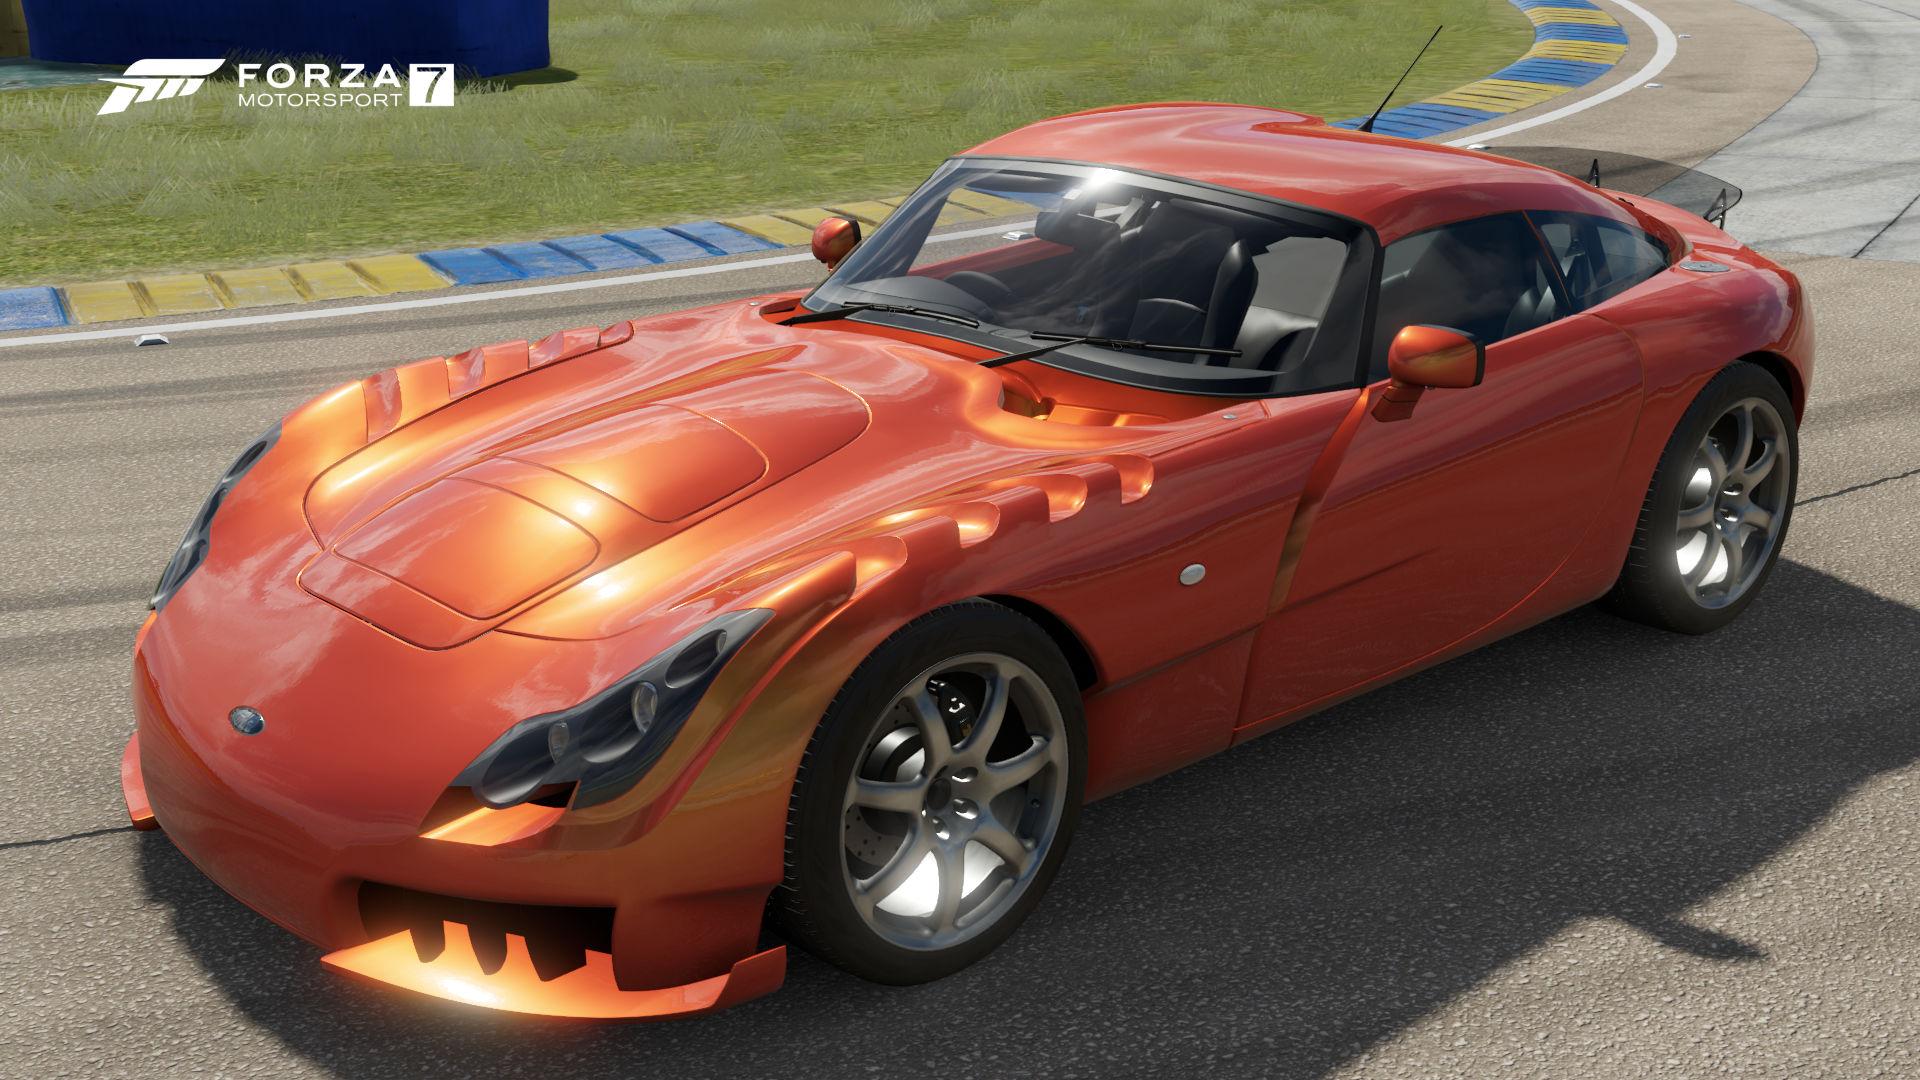 Tvr Sagaris Forza Motorsport Wiki Fandom Powered By Wikia